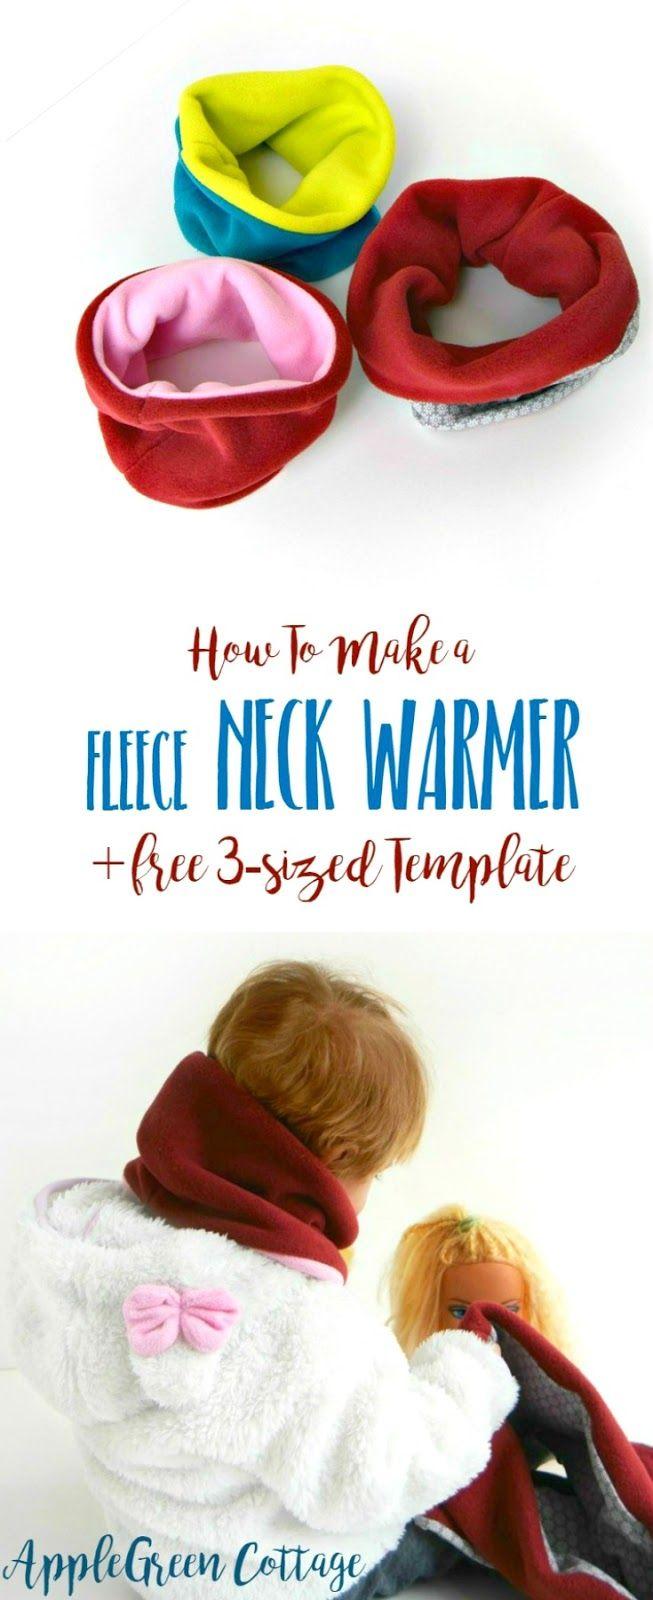 How To Make a Fleece Neck Warmer (+ 3-Size Template) | Pinterest ...